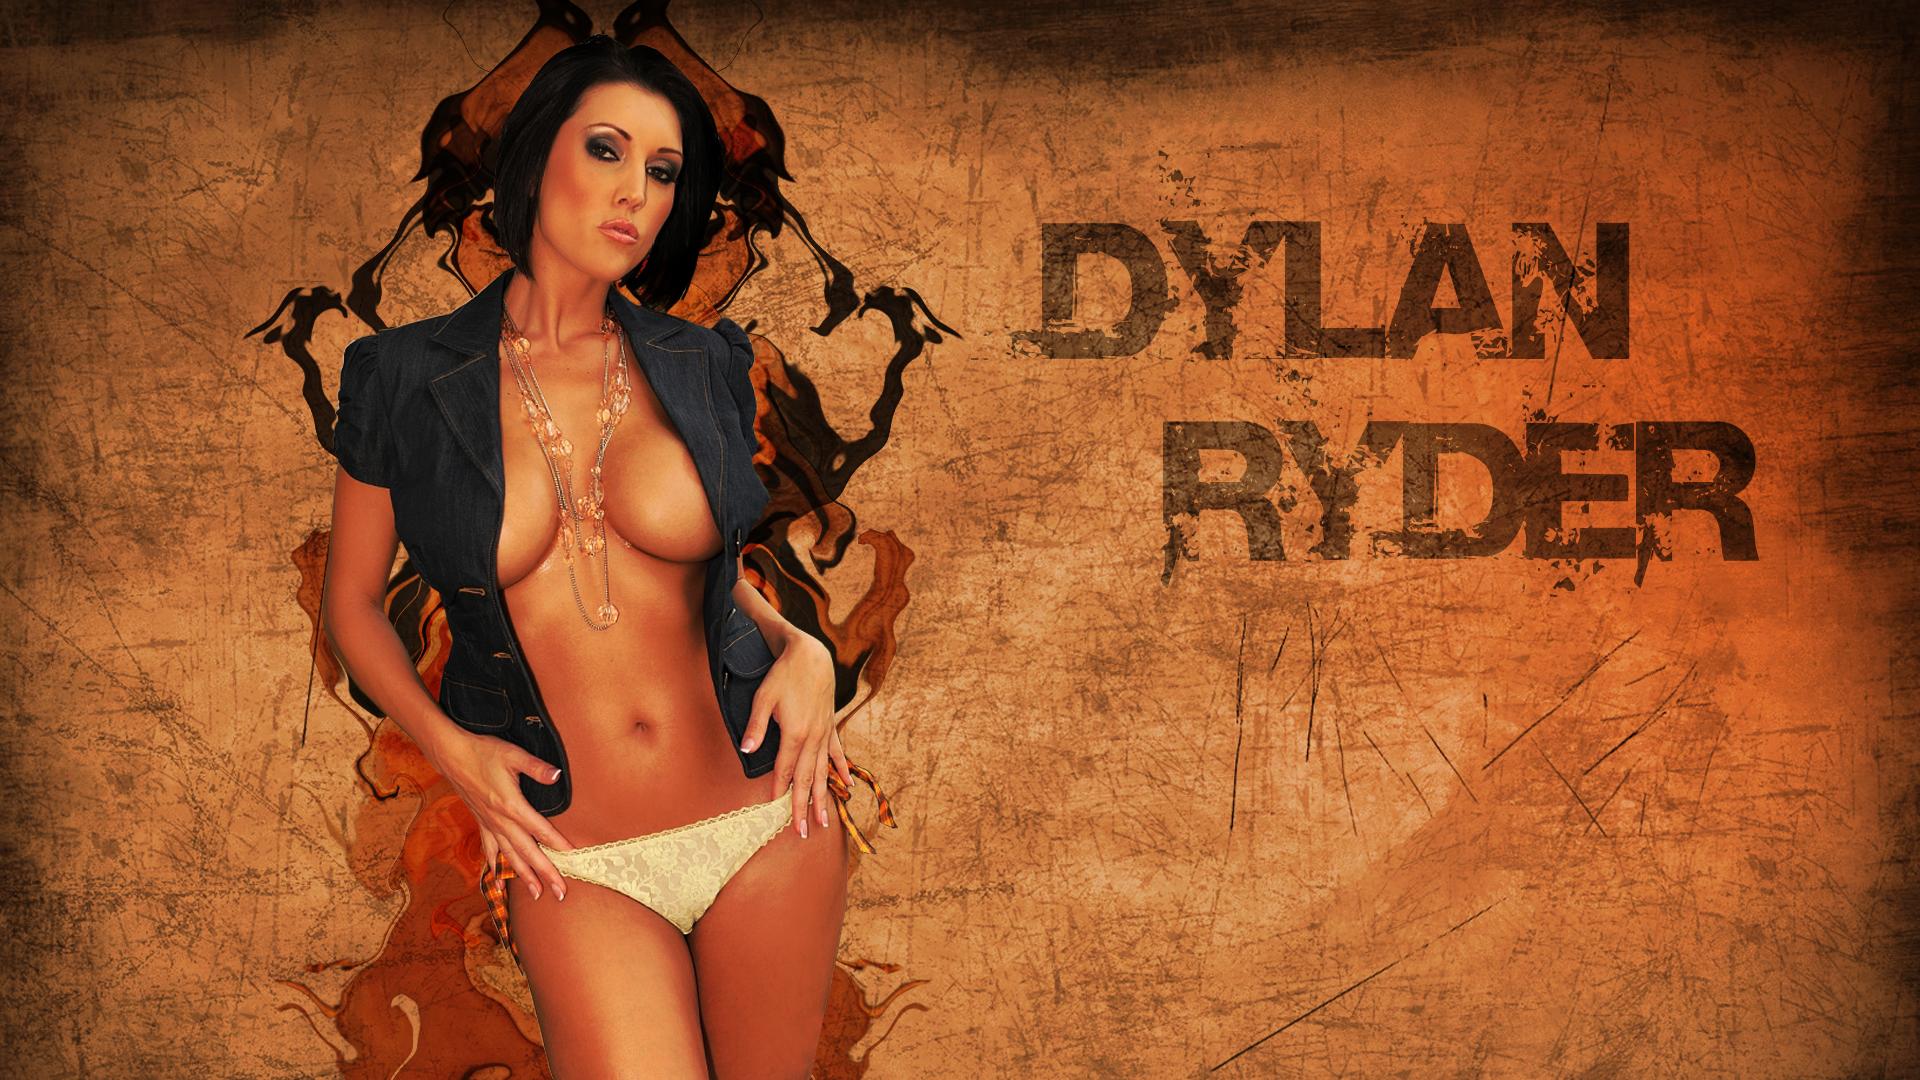 Dylan Ryder Background